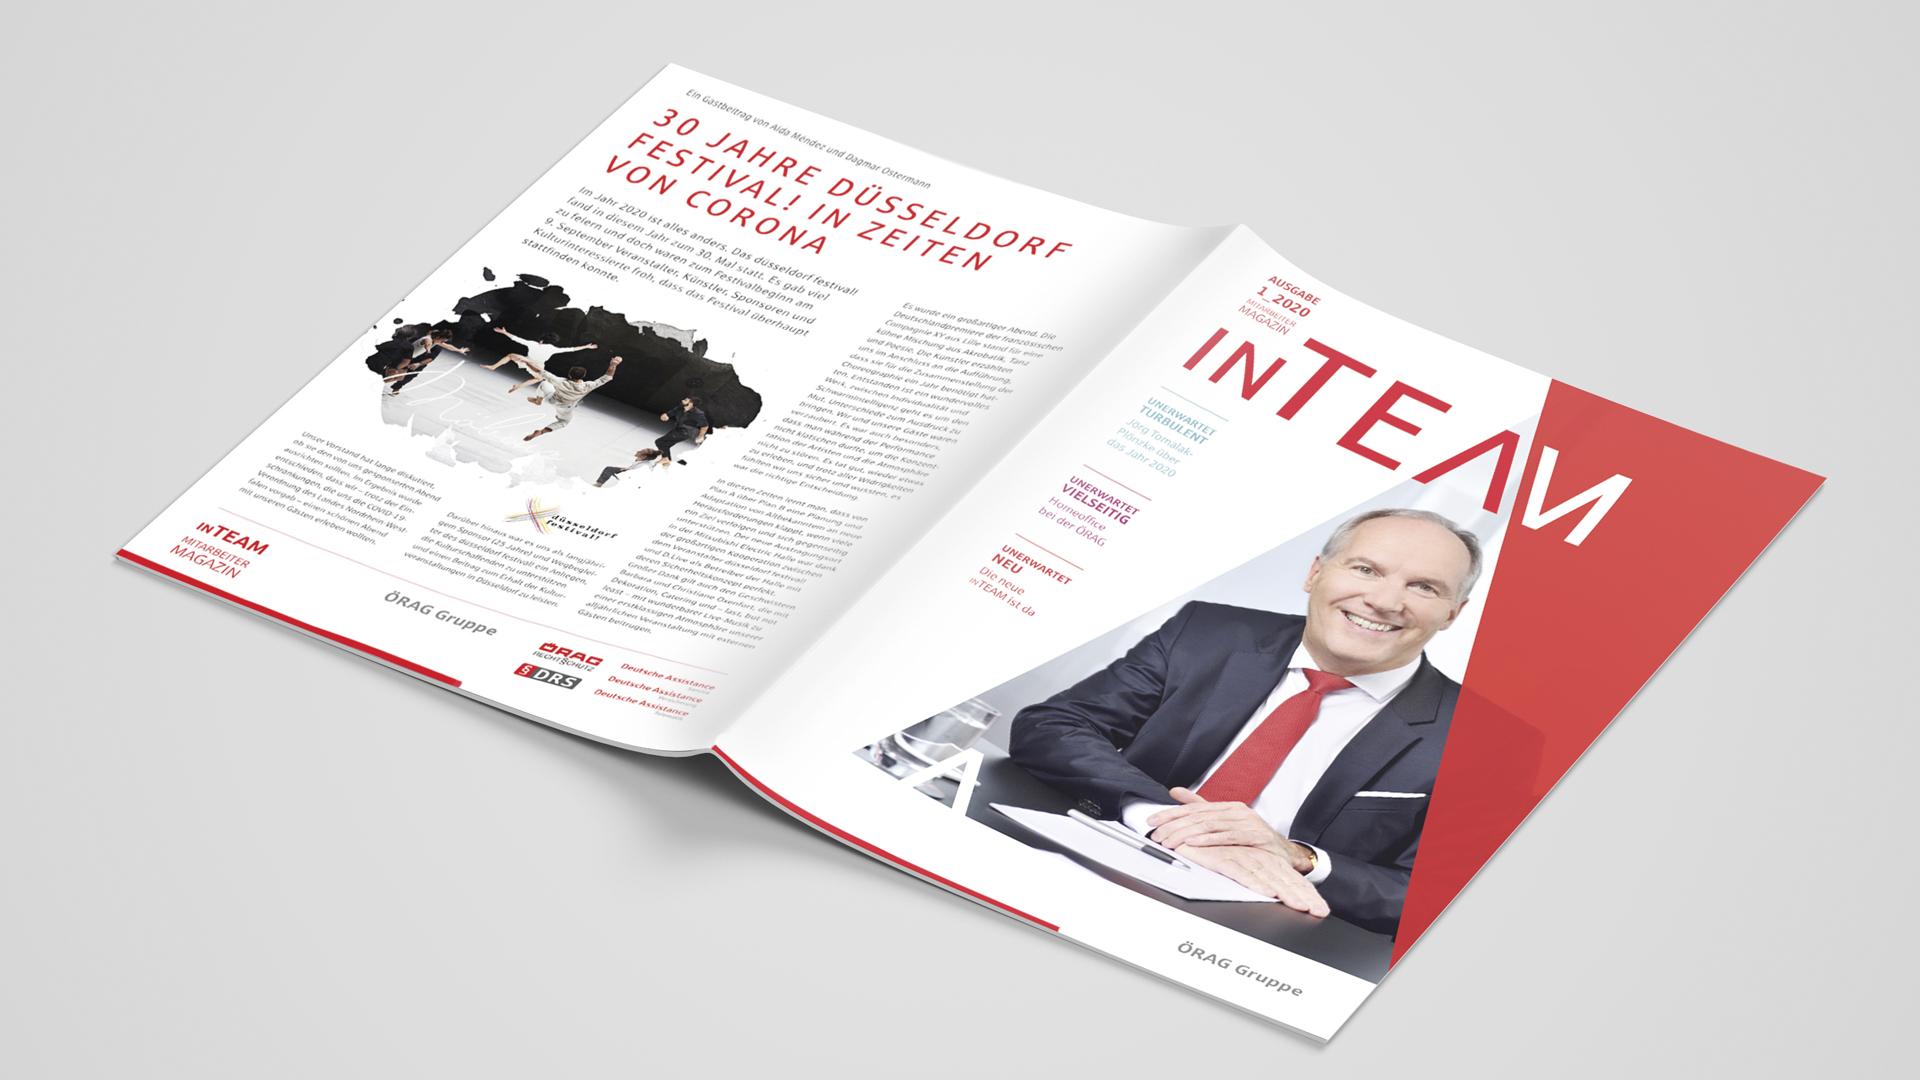 Corporate Publishing – Das neue Mitarbeitermagazin der ÖRAG Gruppe